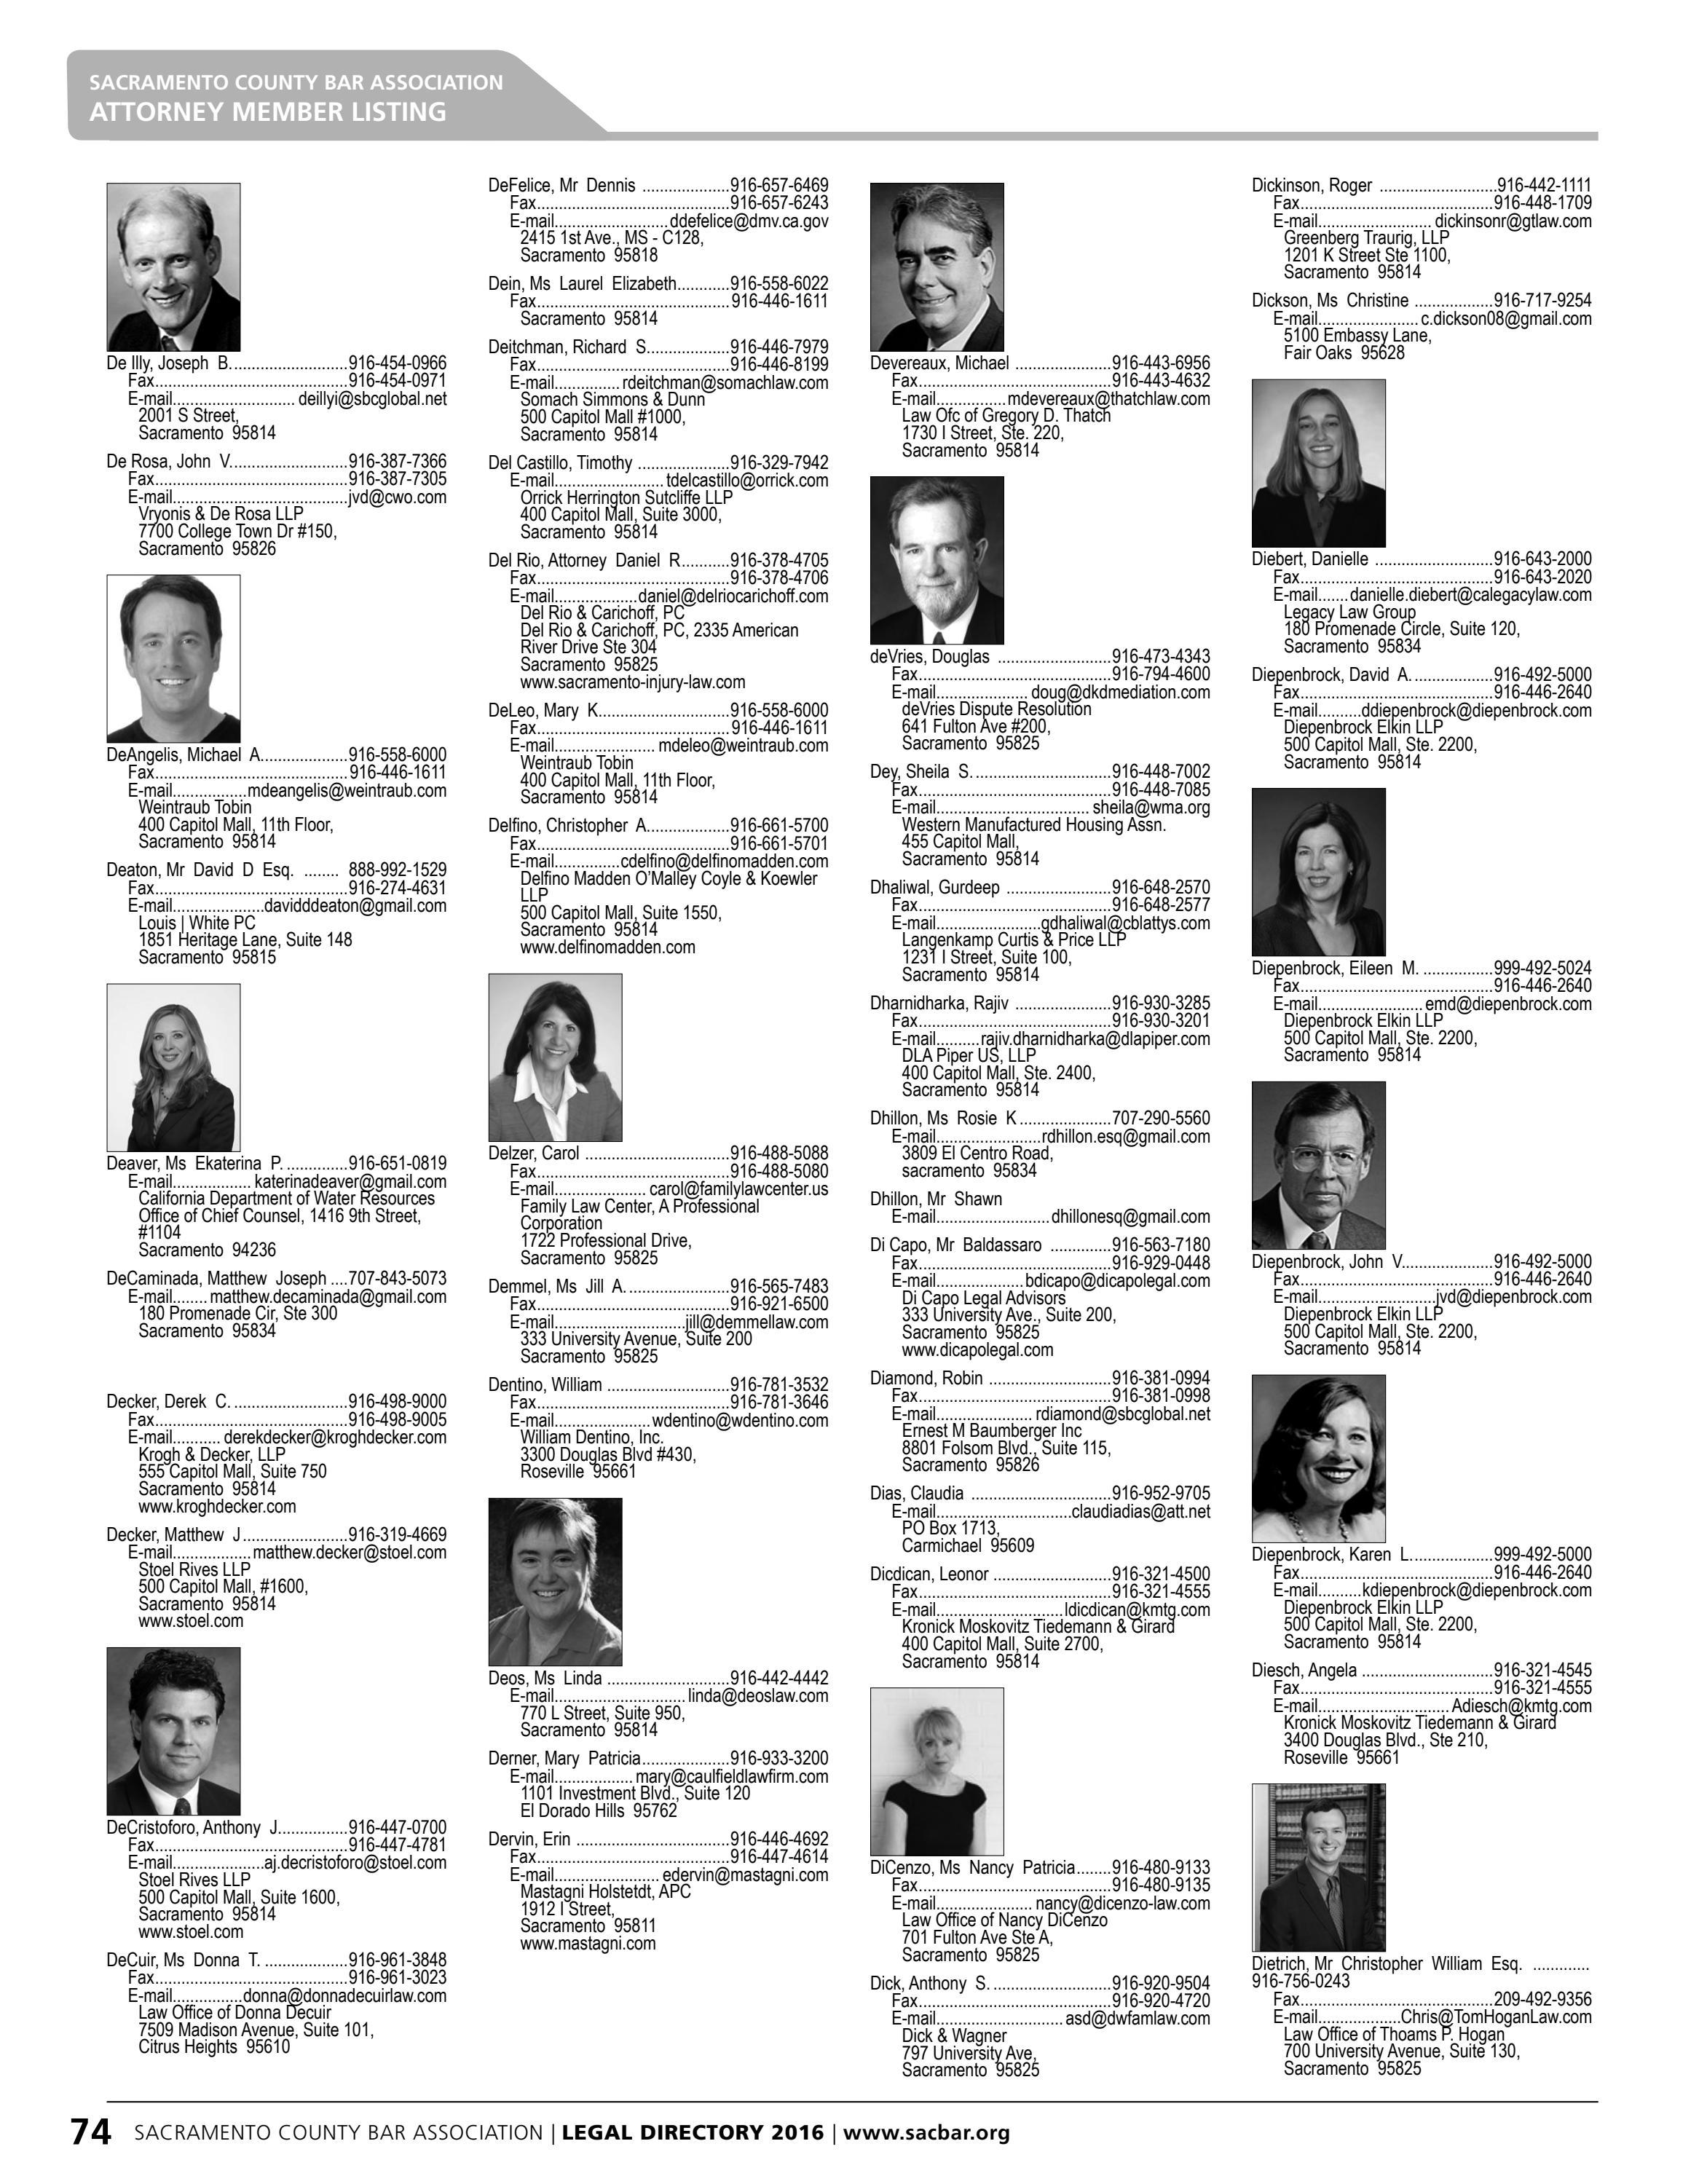 Sacramento County Bar Association Legal Directory 2106 By Delfit Issuu